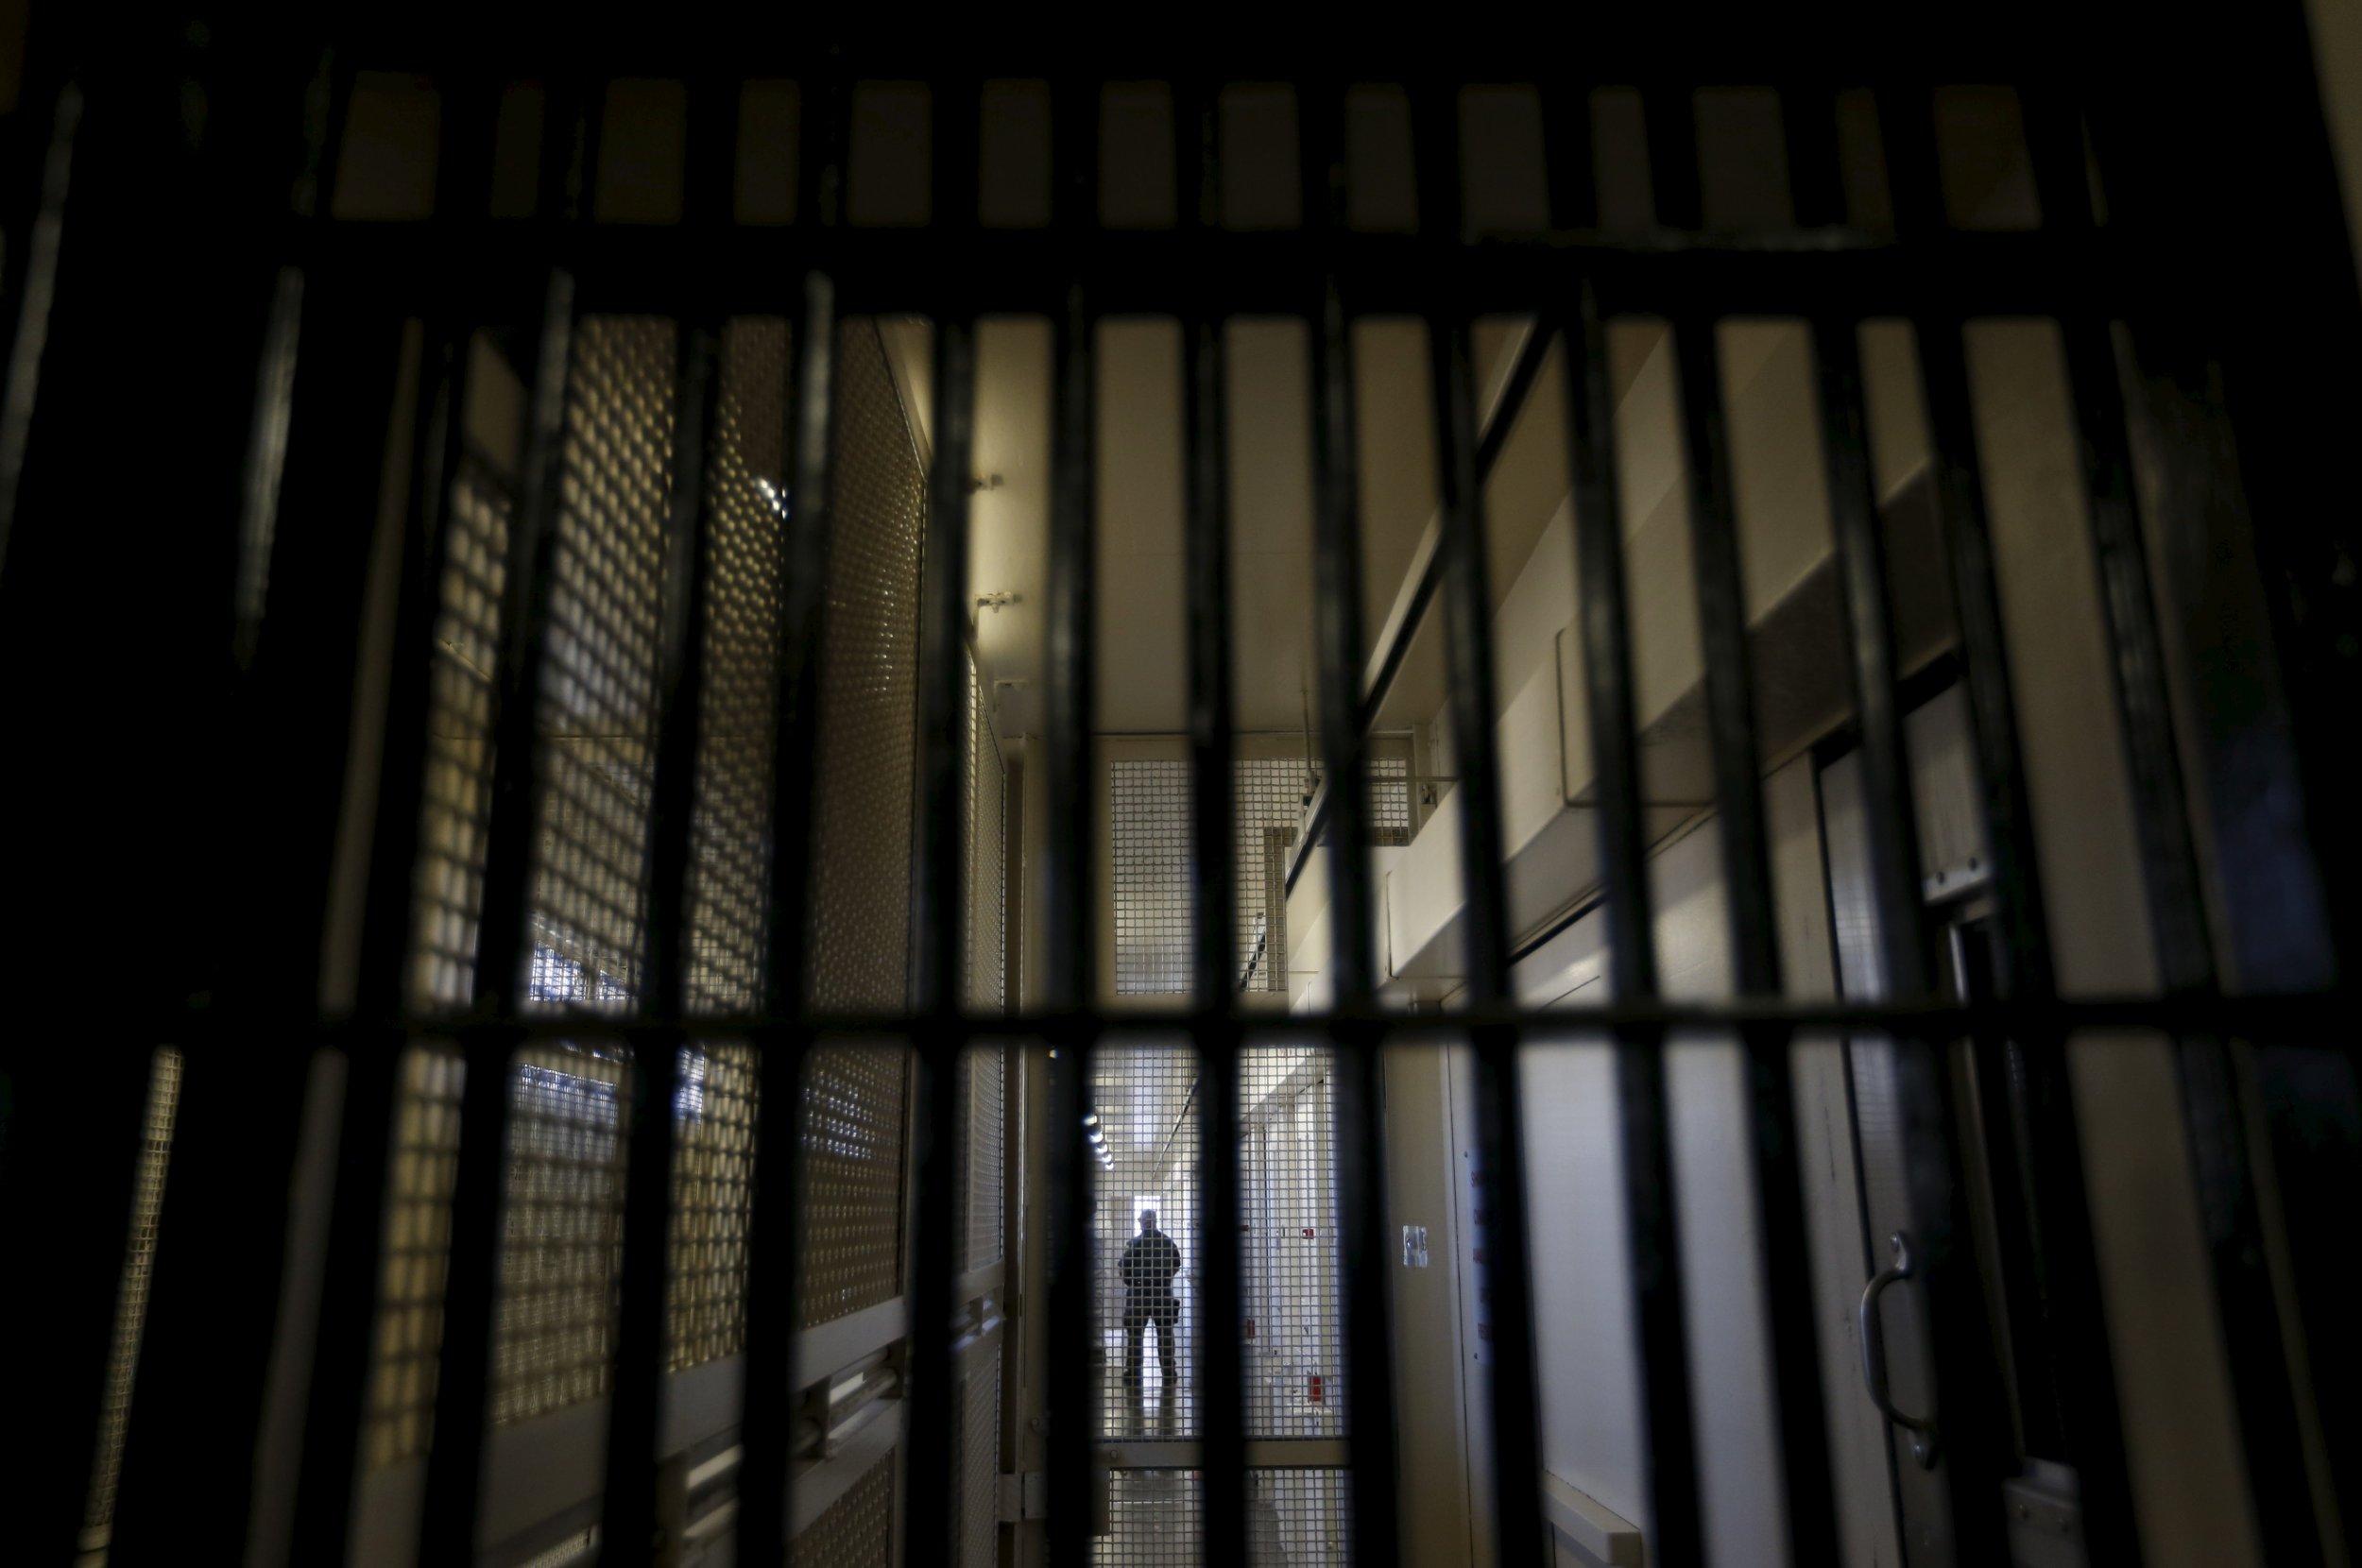 1_9_Prison